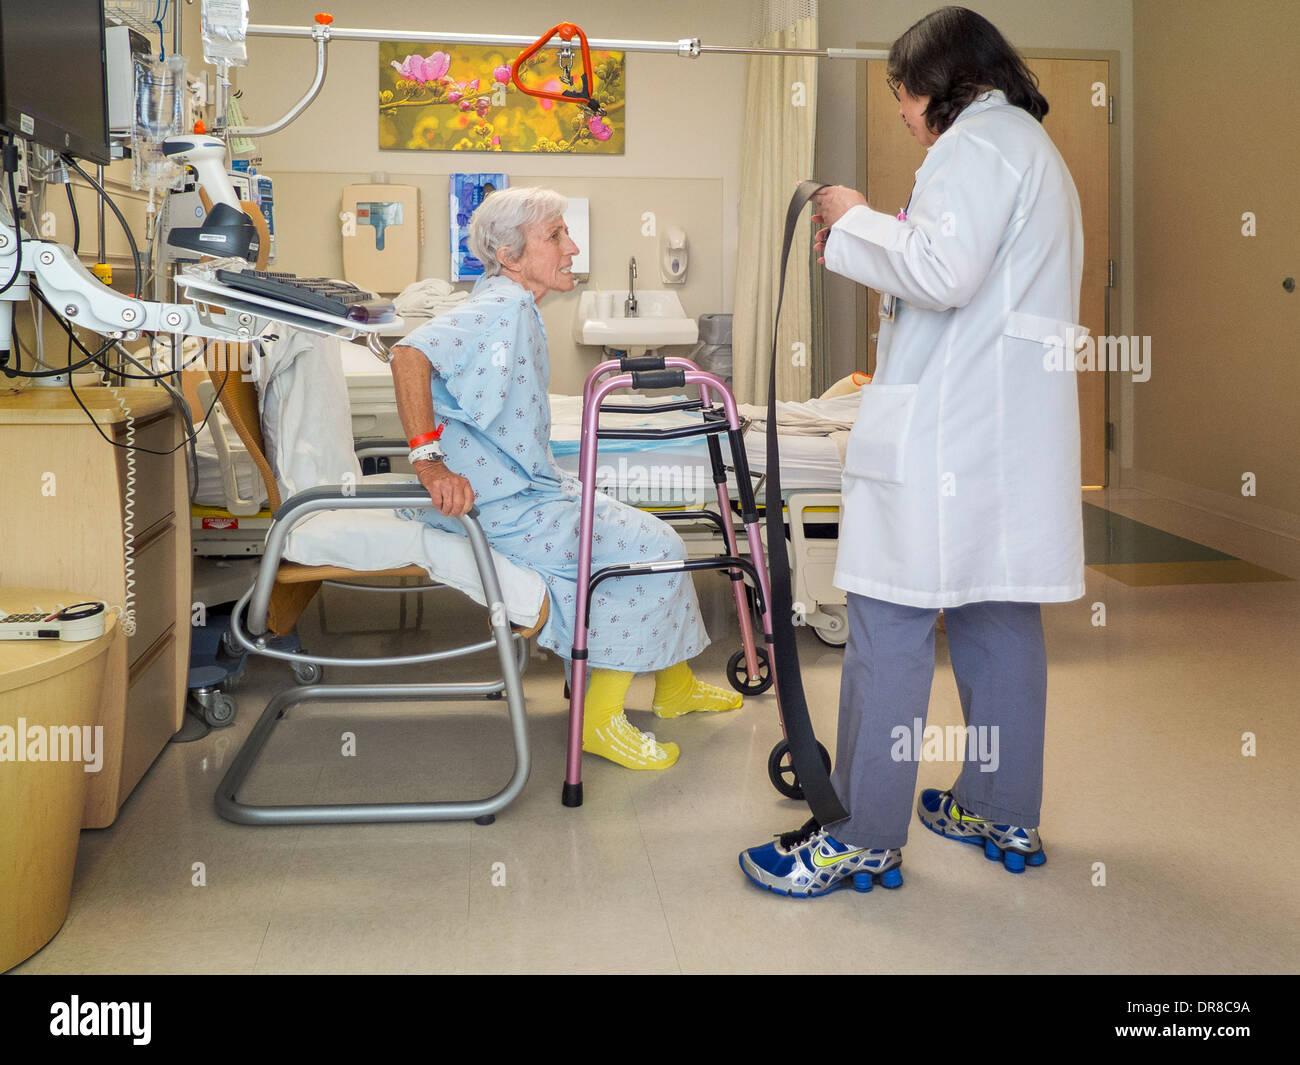 Un terapeuta ocupacional enseña una recuperación de una cirugía de reemplazo de cadera paciente en un hospital del sur de California para pararse. Imagen De Stock